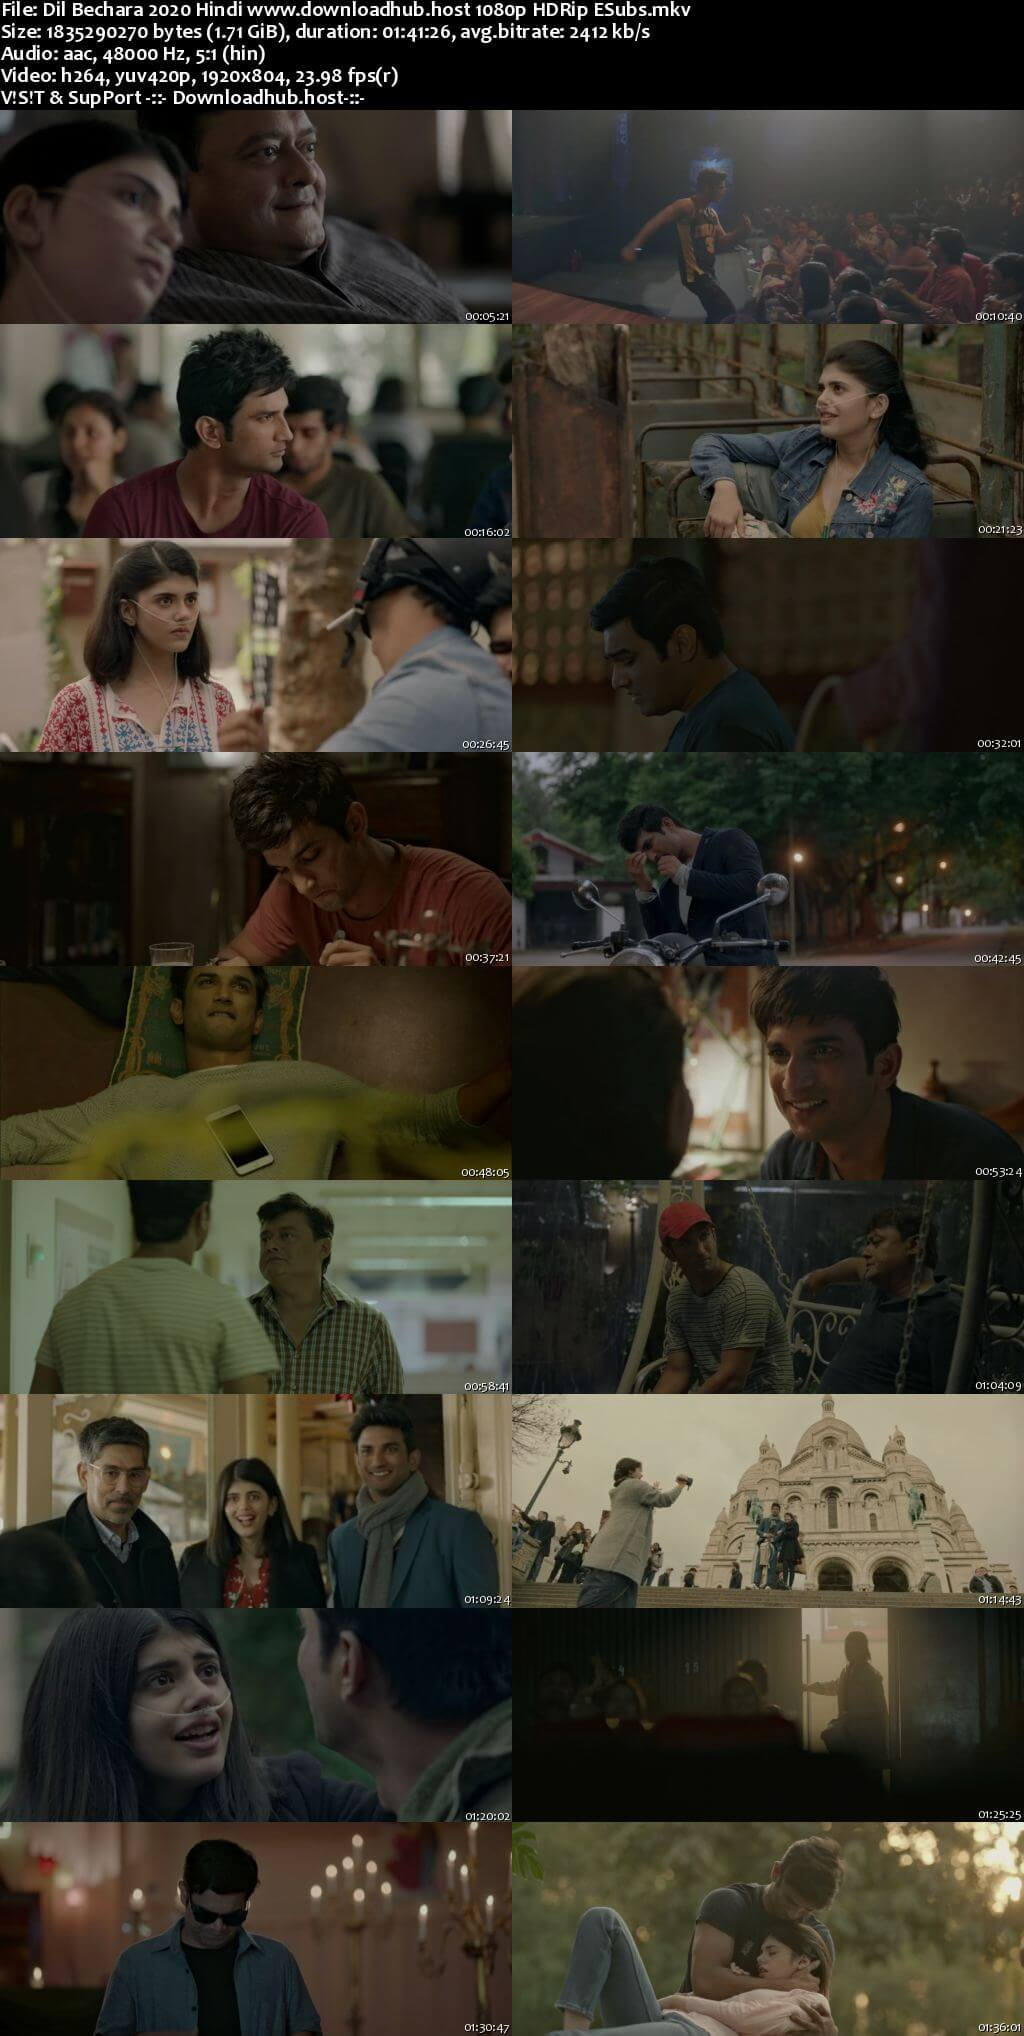 Dil Bechara 2020 Hindi 1080p HDRip ESubs